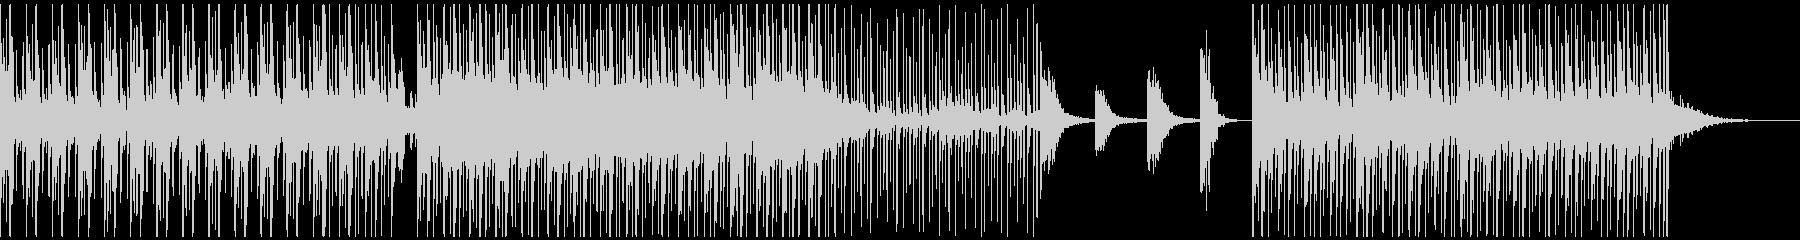 クールなビートとシンセサウンドの未再生の波形